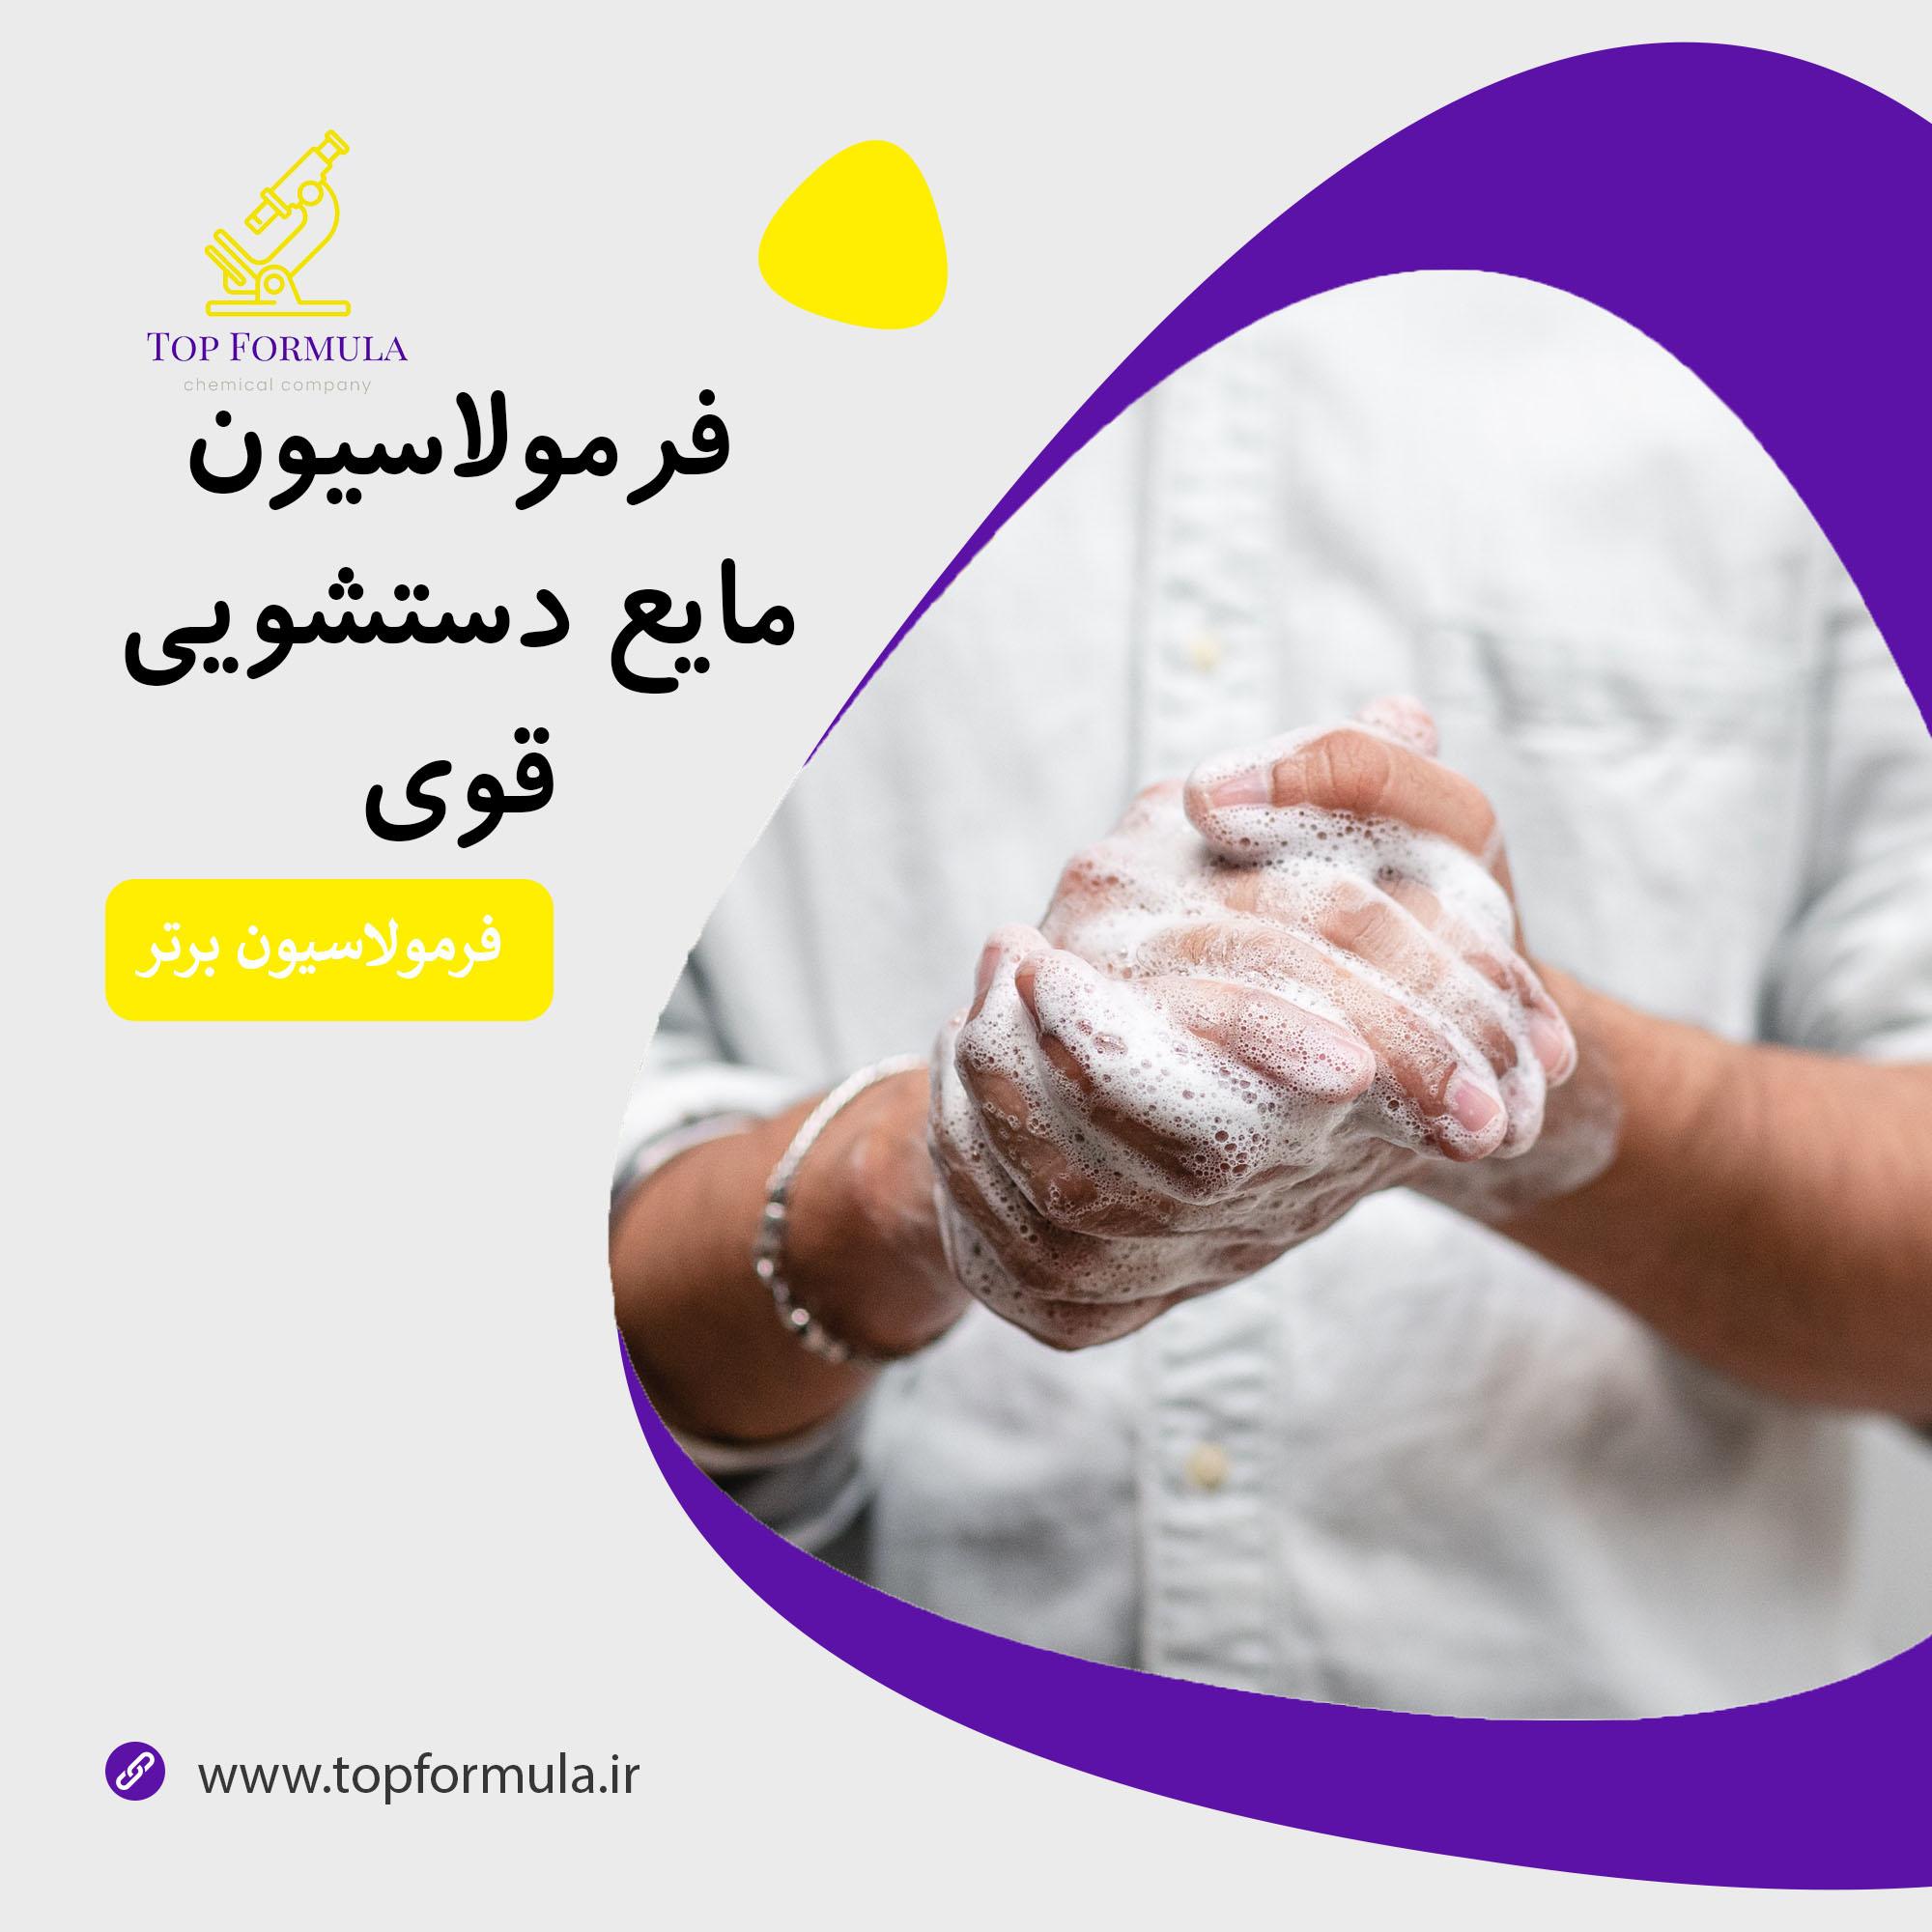 فرمولاسیون مایع دستشویی قوی